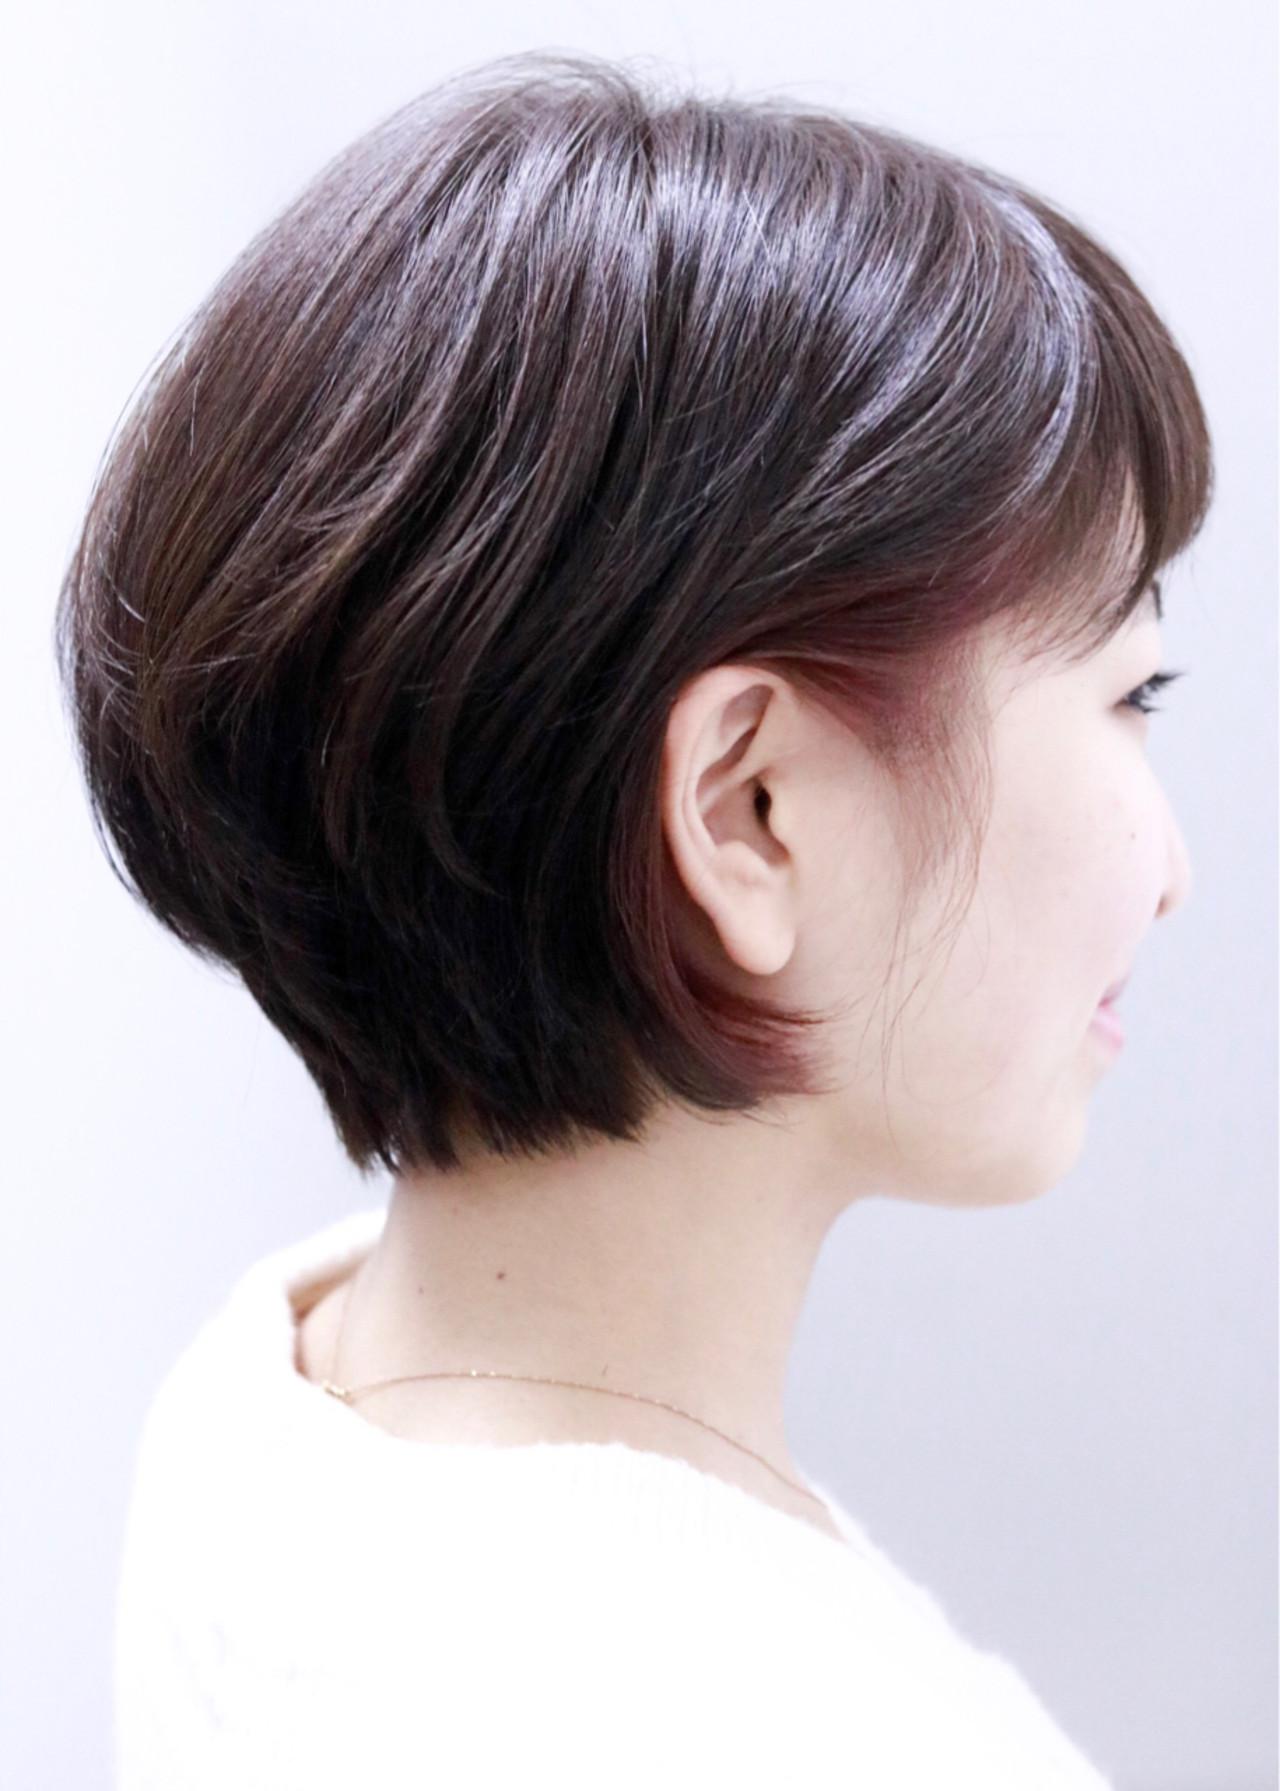 ナチュラル ピンク 小顔 ボブ ヘアスタイルや髪型の写真・画像 | 清水 翔五 / sofa